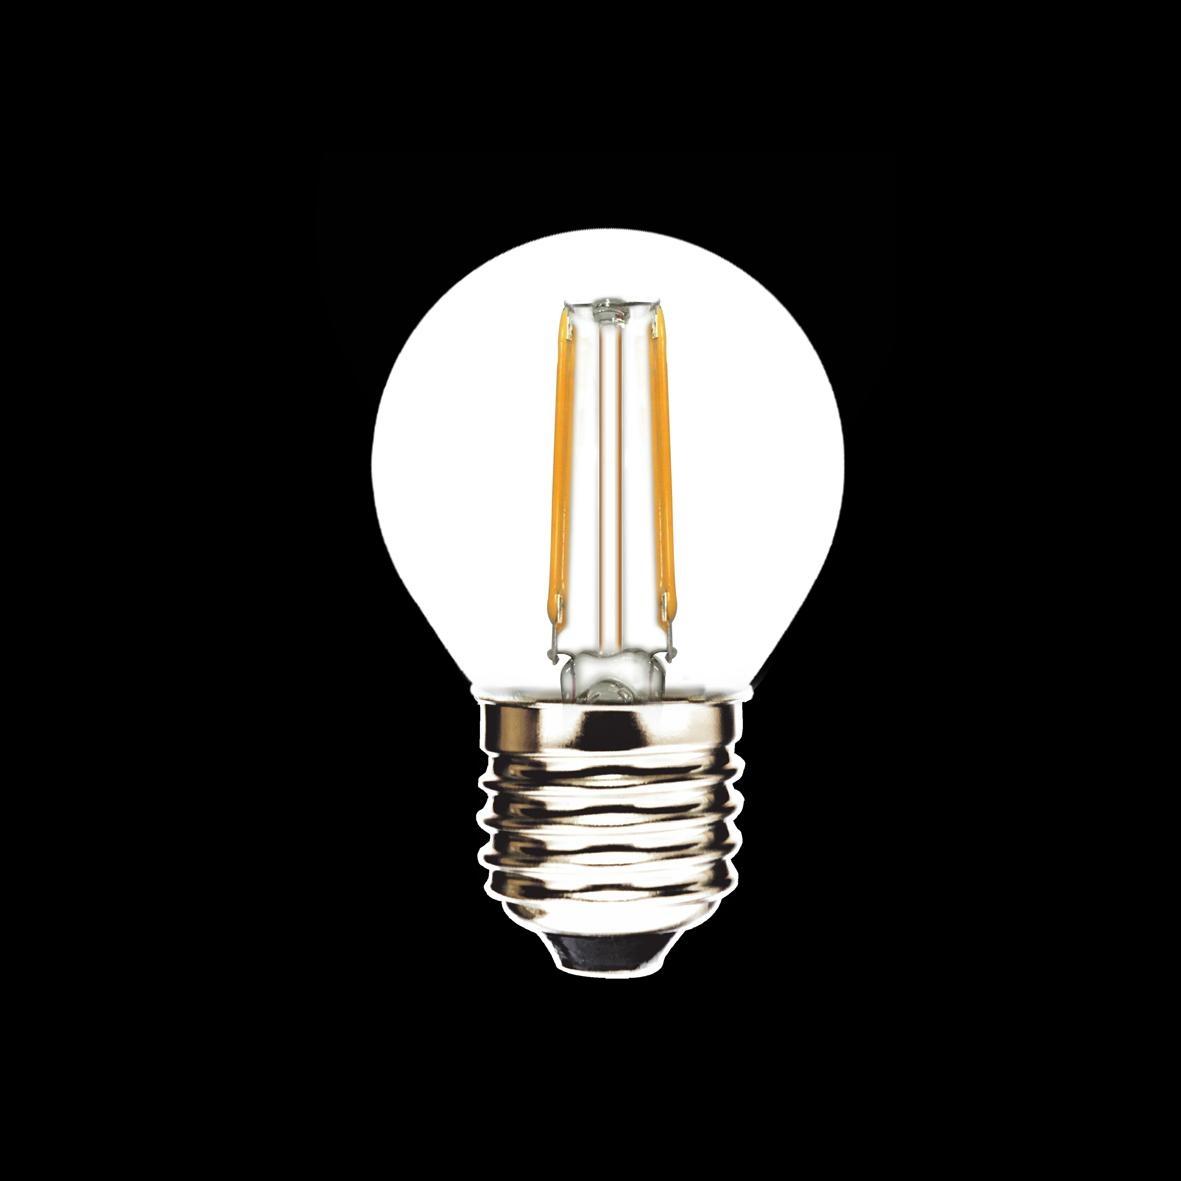 2W E27 G45 LED Filament Bulbs 2